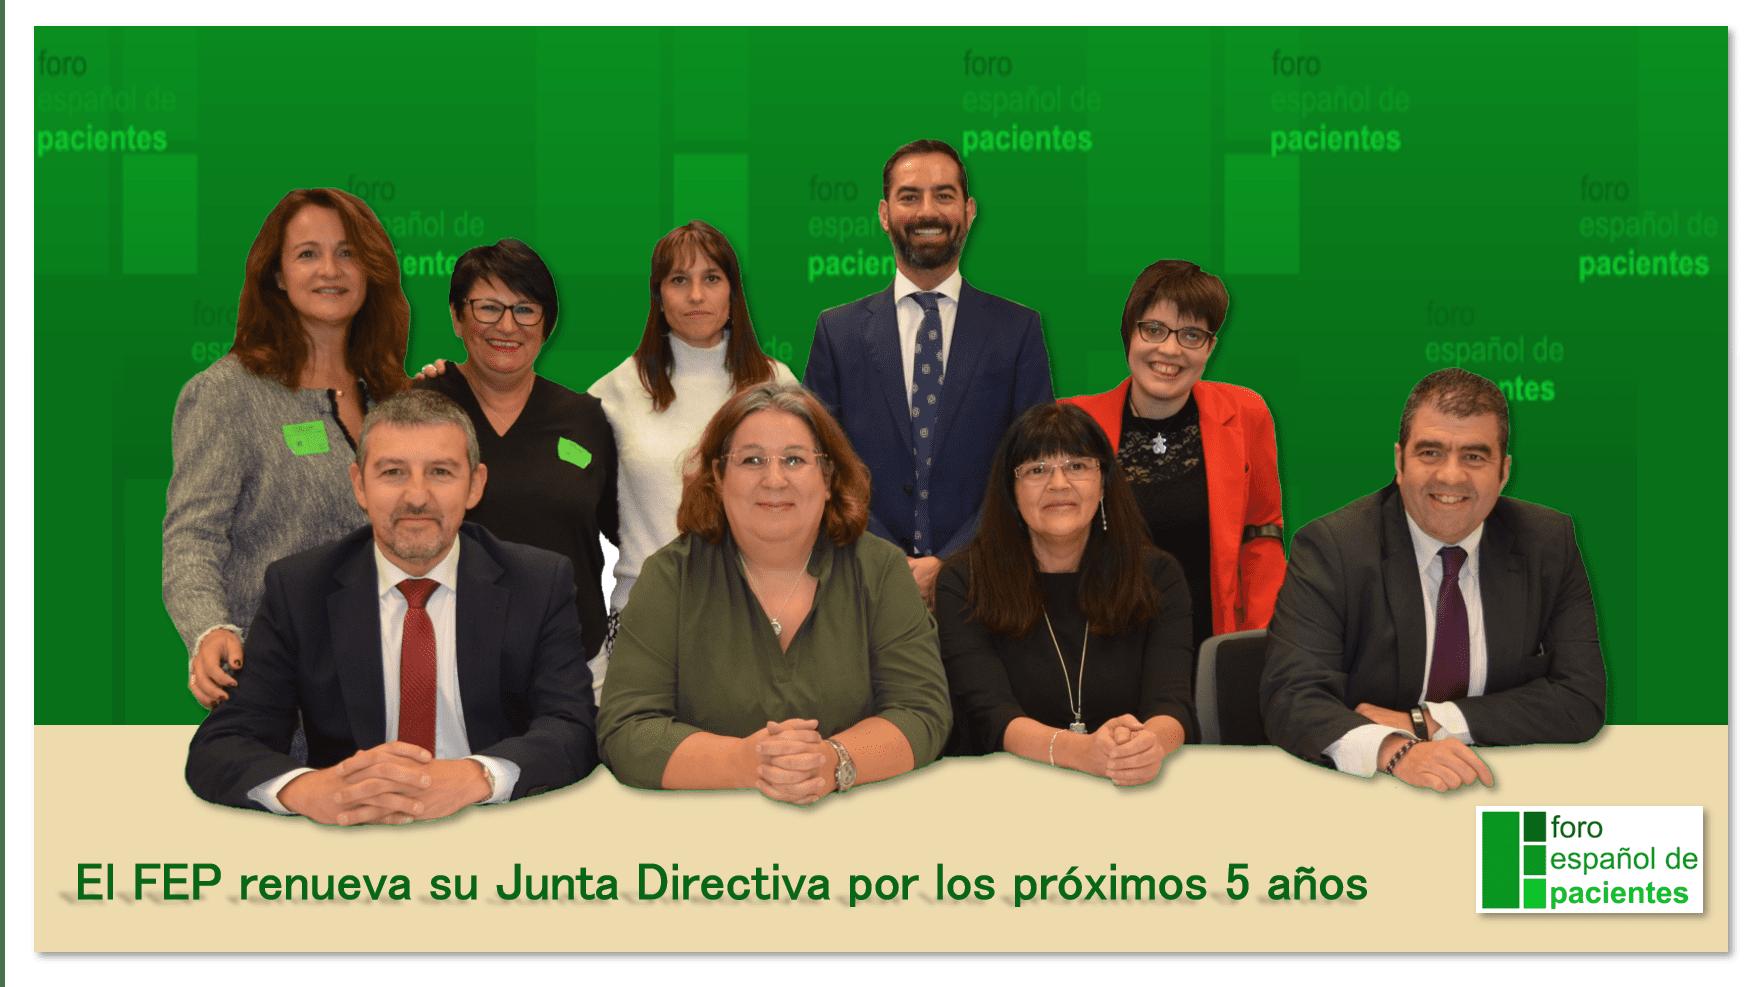 El FEP renueva su Junta Directiva por los próximos 5 años